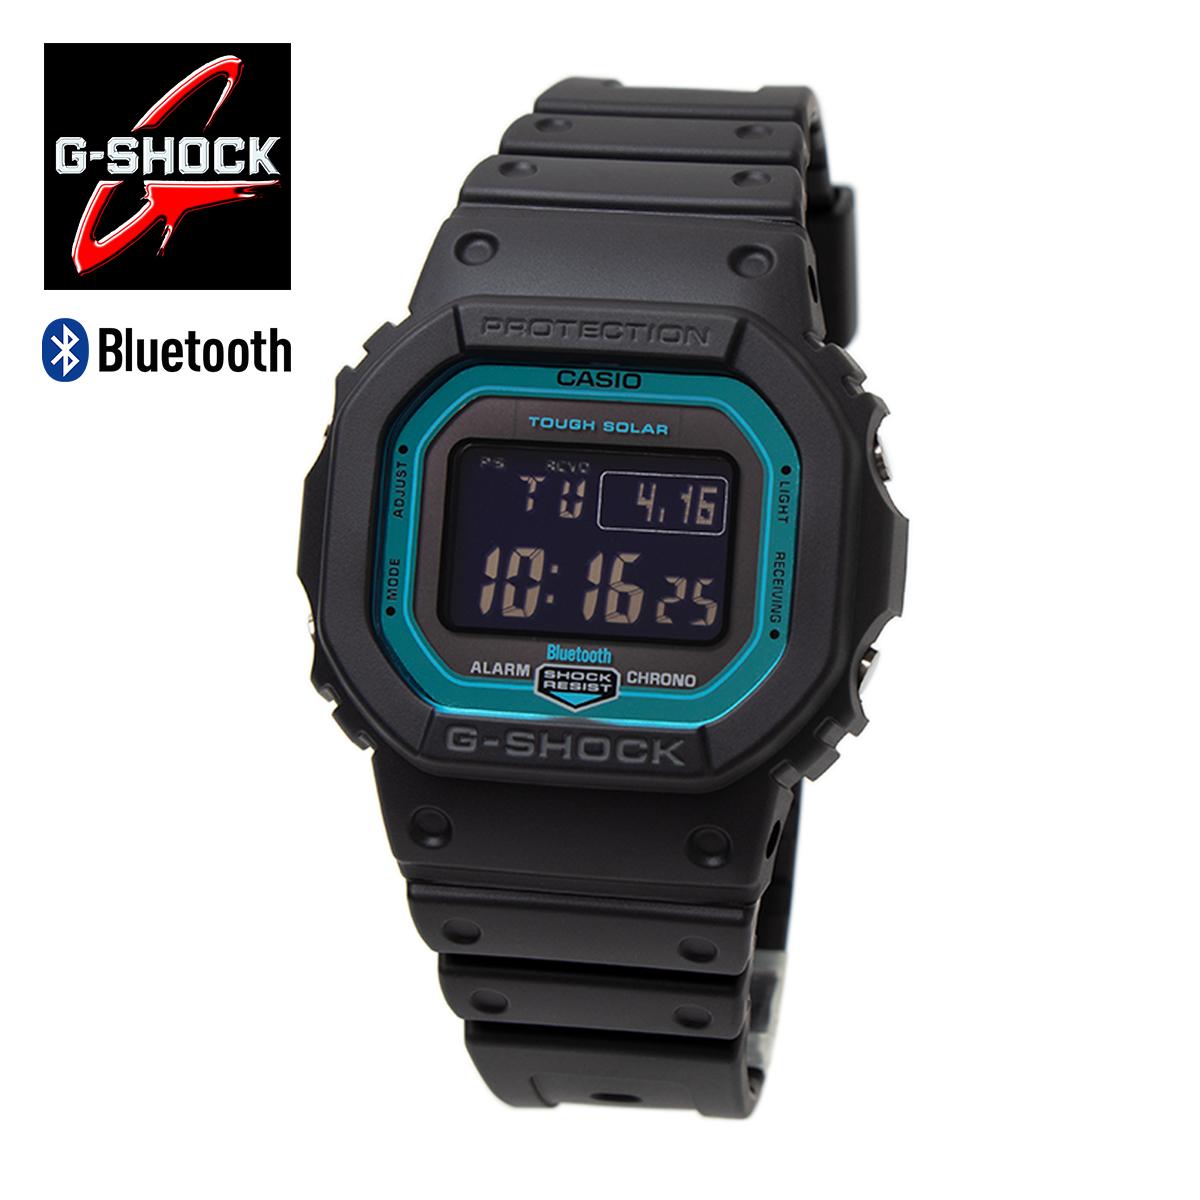 【Bluetooth & 電波ソーラー】G-SHOCK ジーショック CASIO カシオ GW-B5600-2ER タフソーラー マルチバンド6 ブラック ブルー スマホ連動 電波時計 スマートウォッチ ボーイズサイズ メンズ 男性用 腕時計 ユニセックス スクエア 四角形 スピードモデル スマートフォン